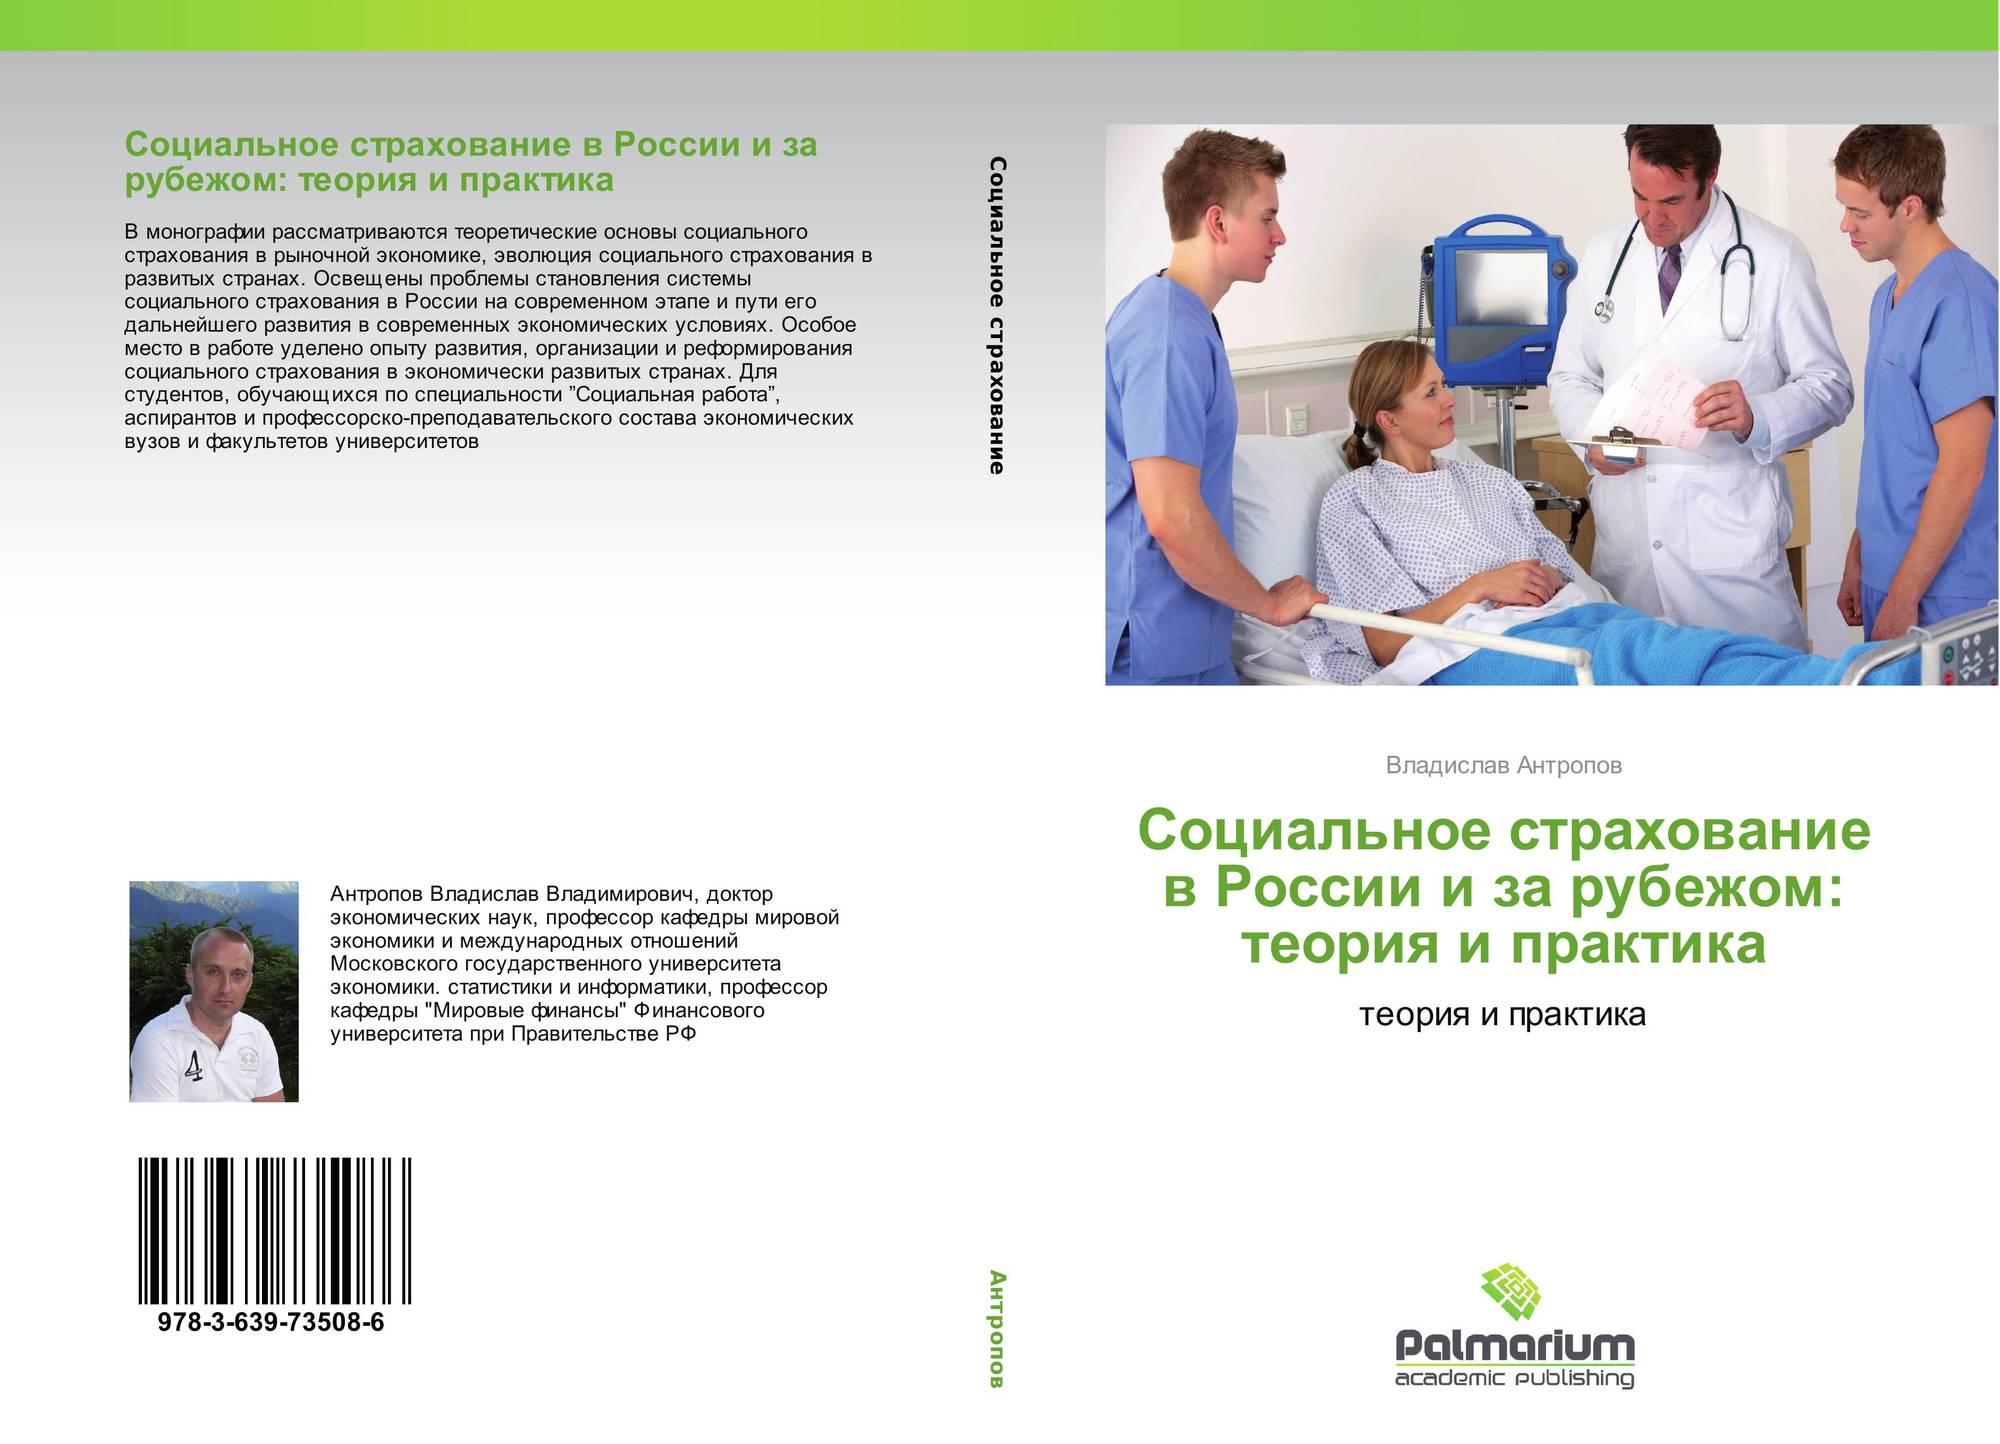 социальное страхование в россии и за рубежом